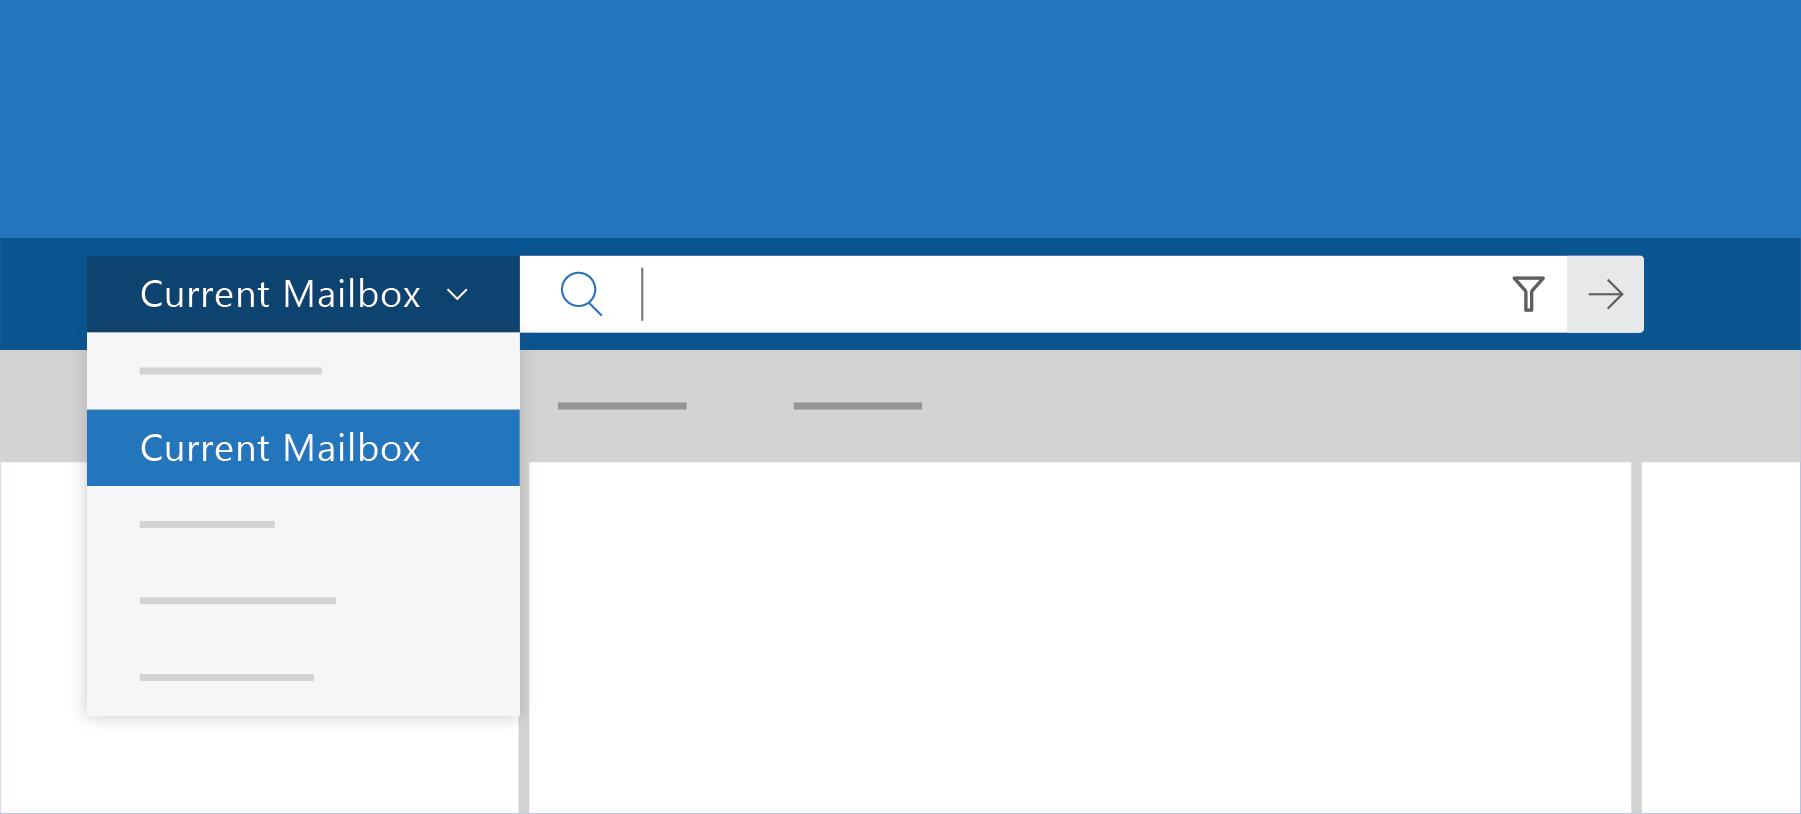 แสดงการค้นหาใน Outlook